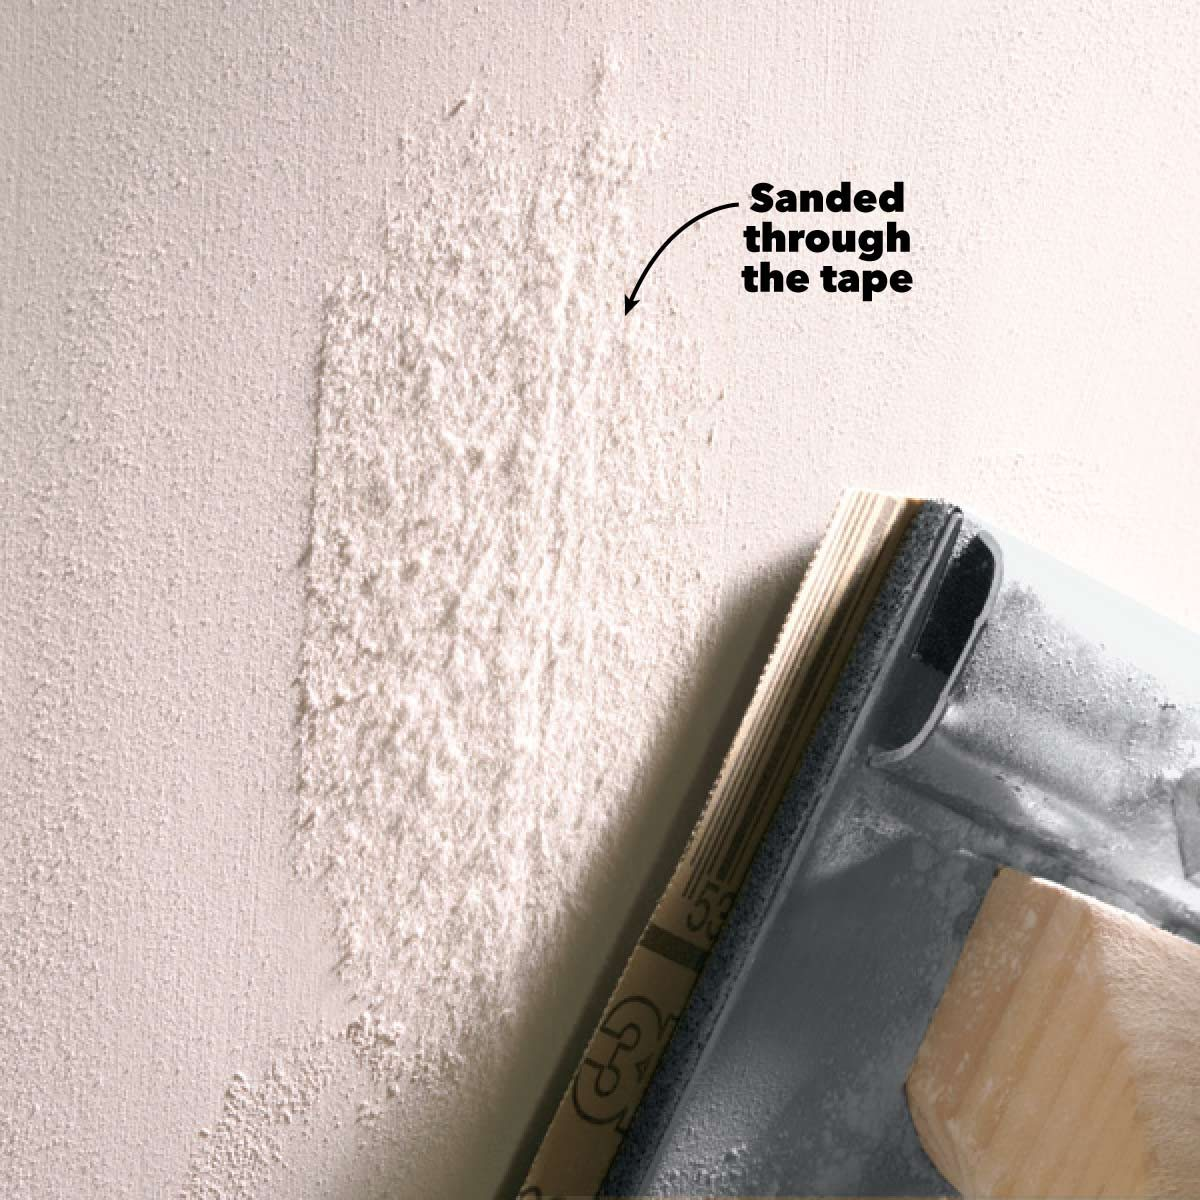 drywall sanding avoid over sanding